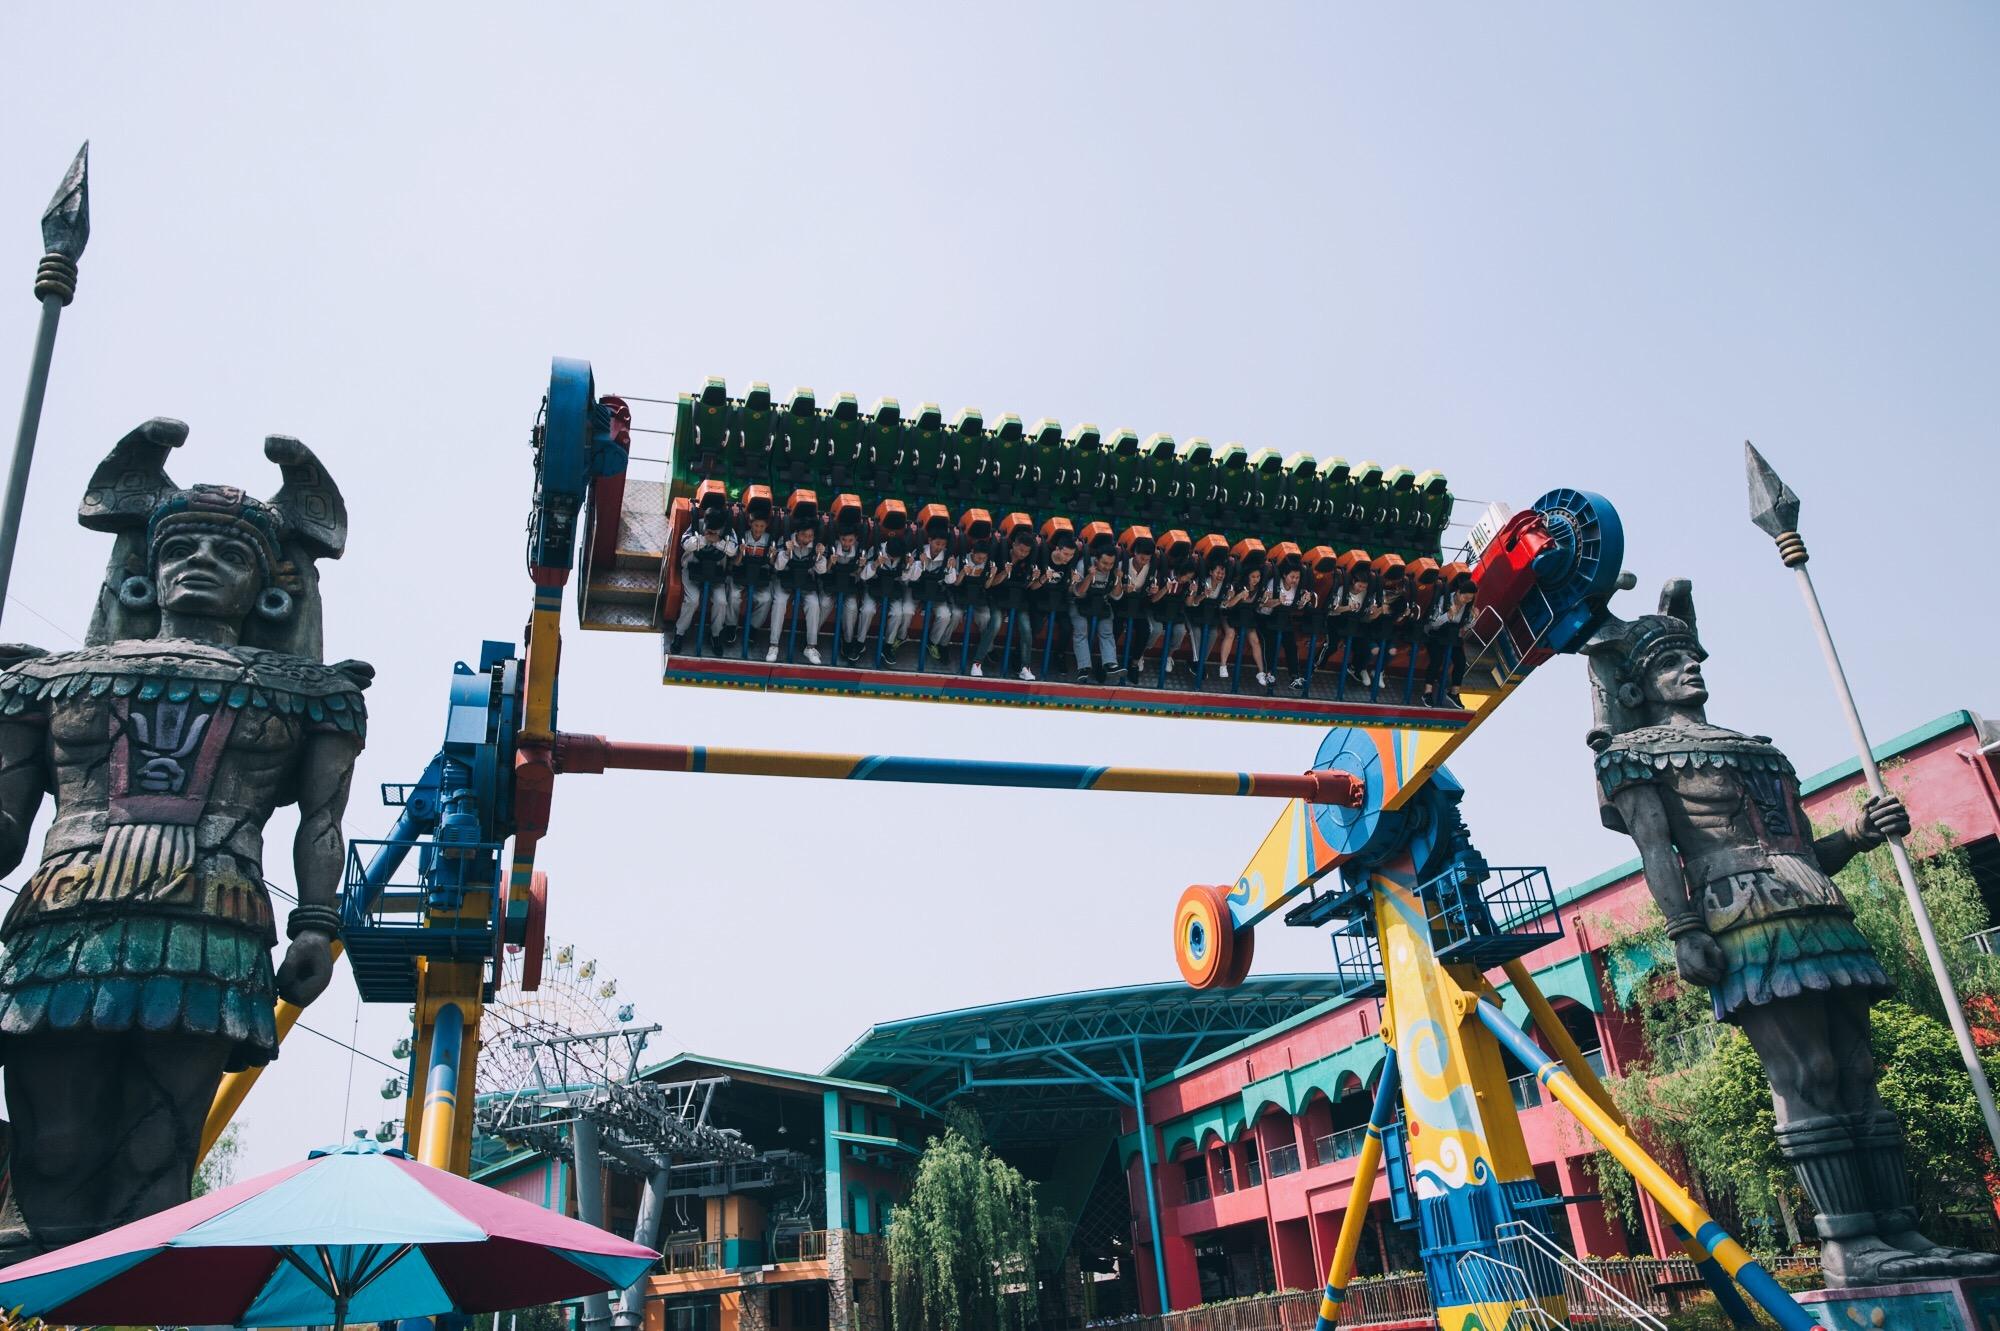 当然也要追求一下刺激,杭州乐园我也不会放过,独特的悬挂过山车那是